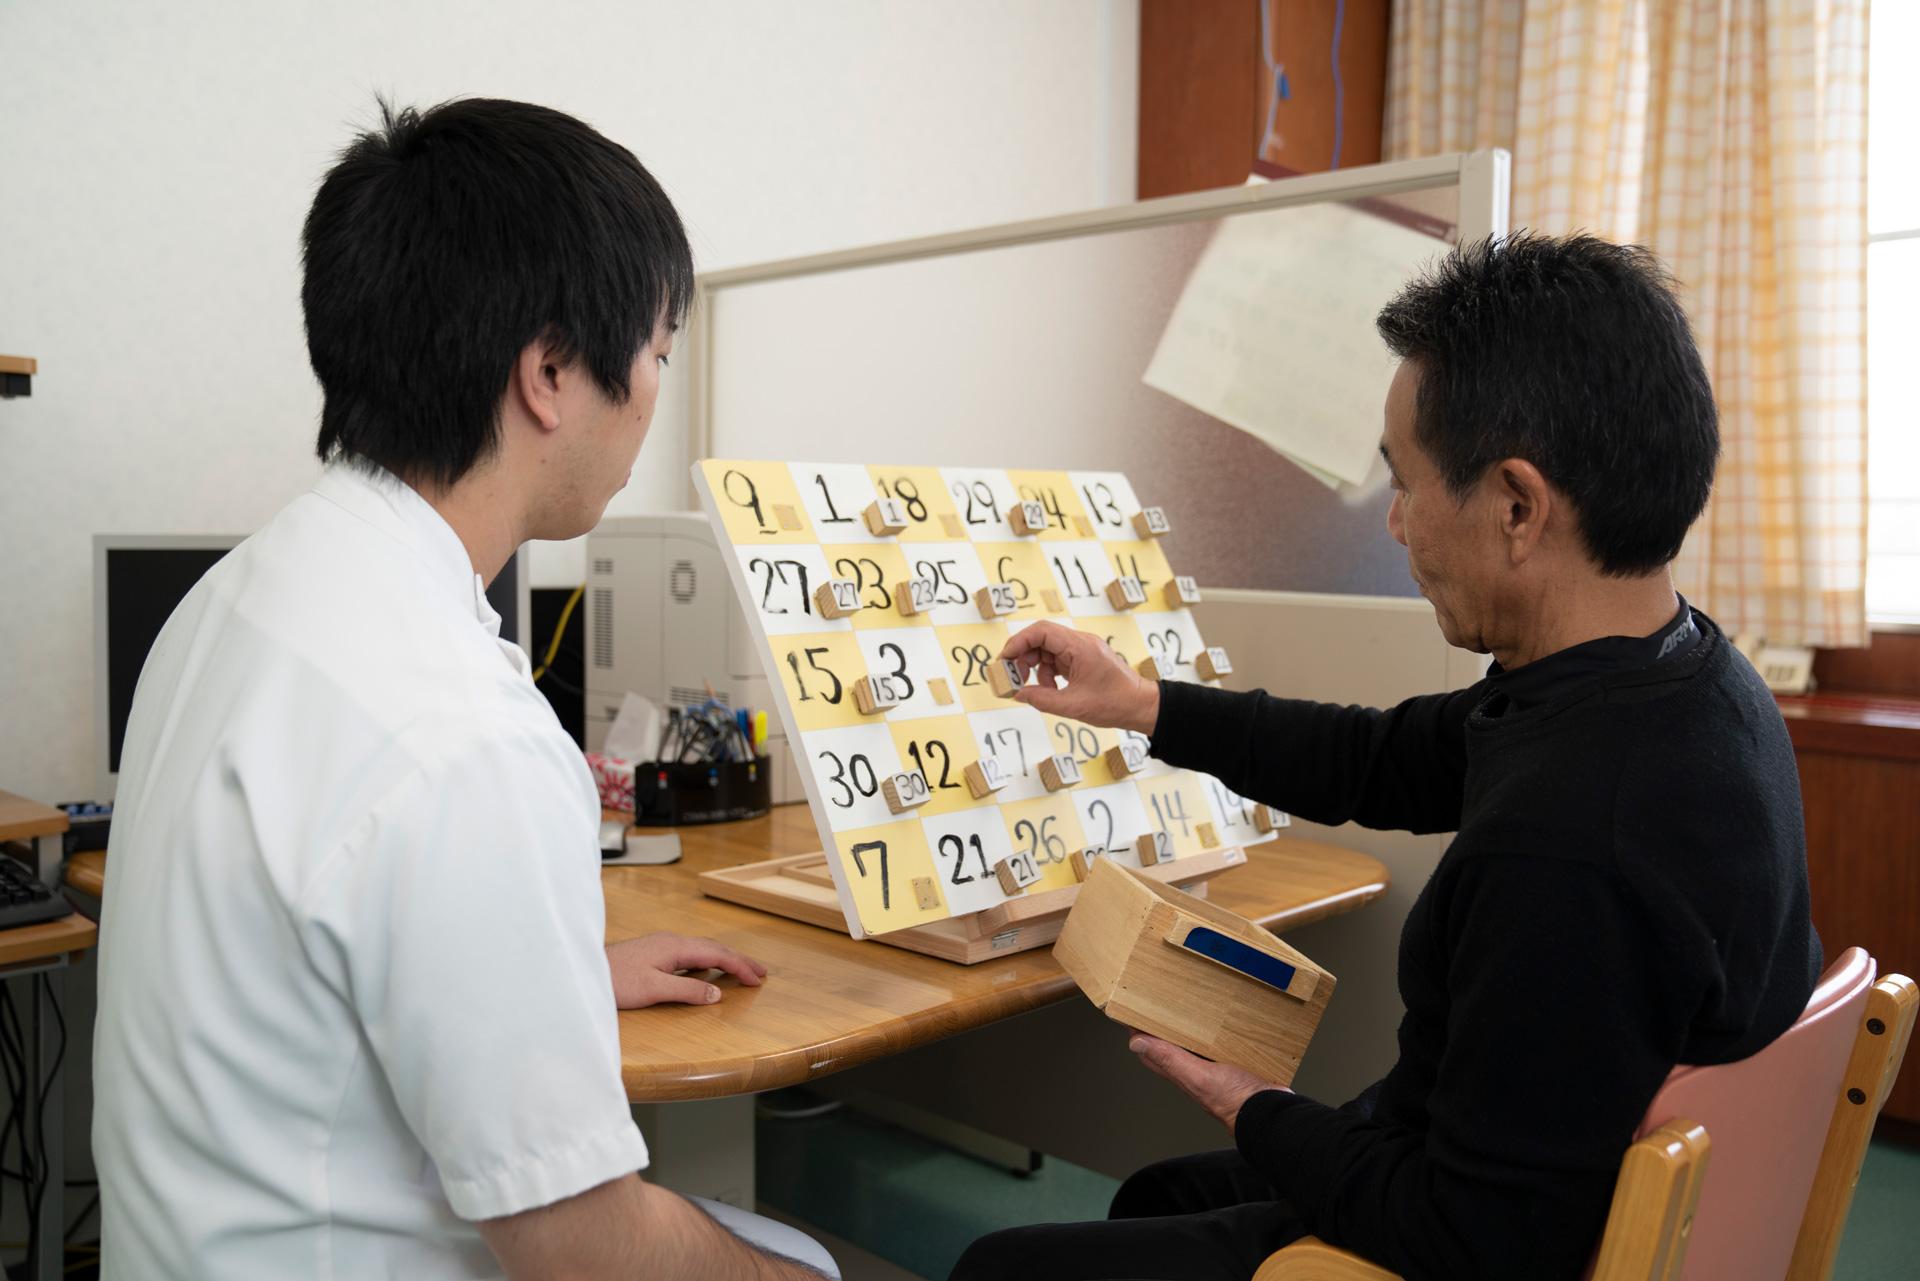 写真:作業療法士と患者の後ろ姿